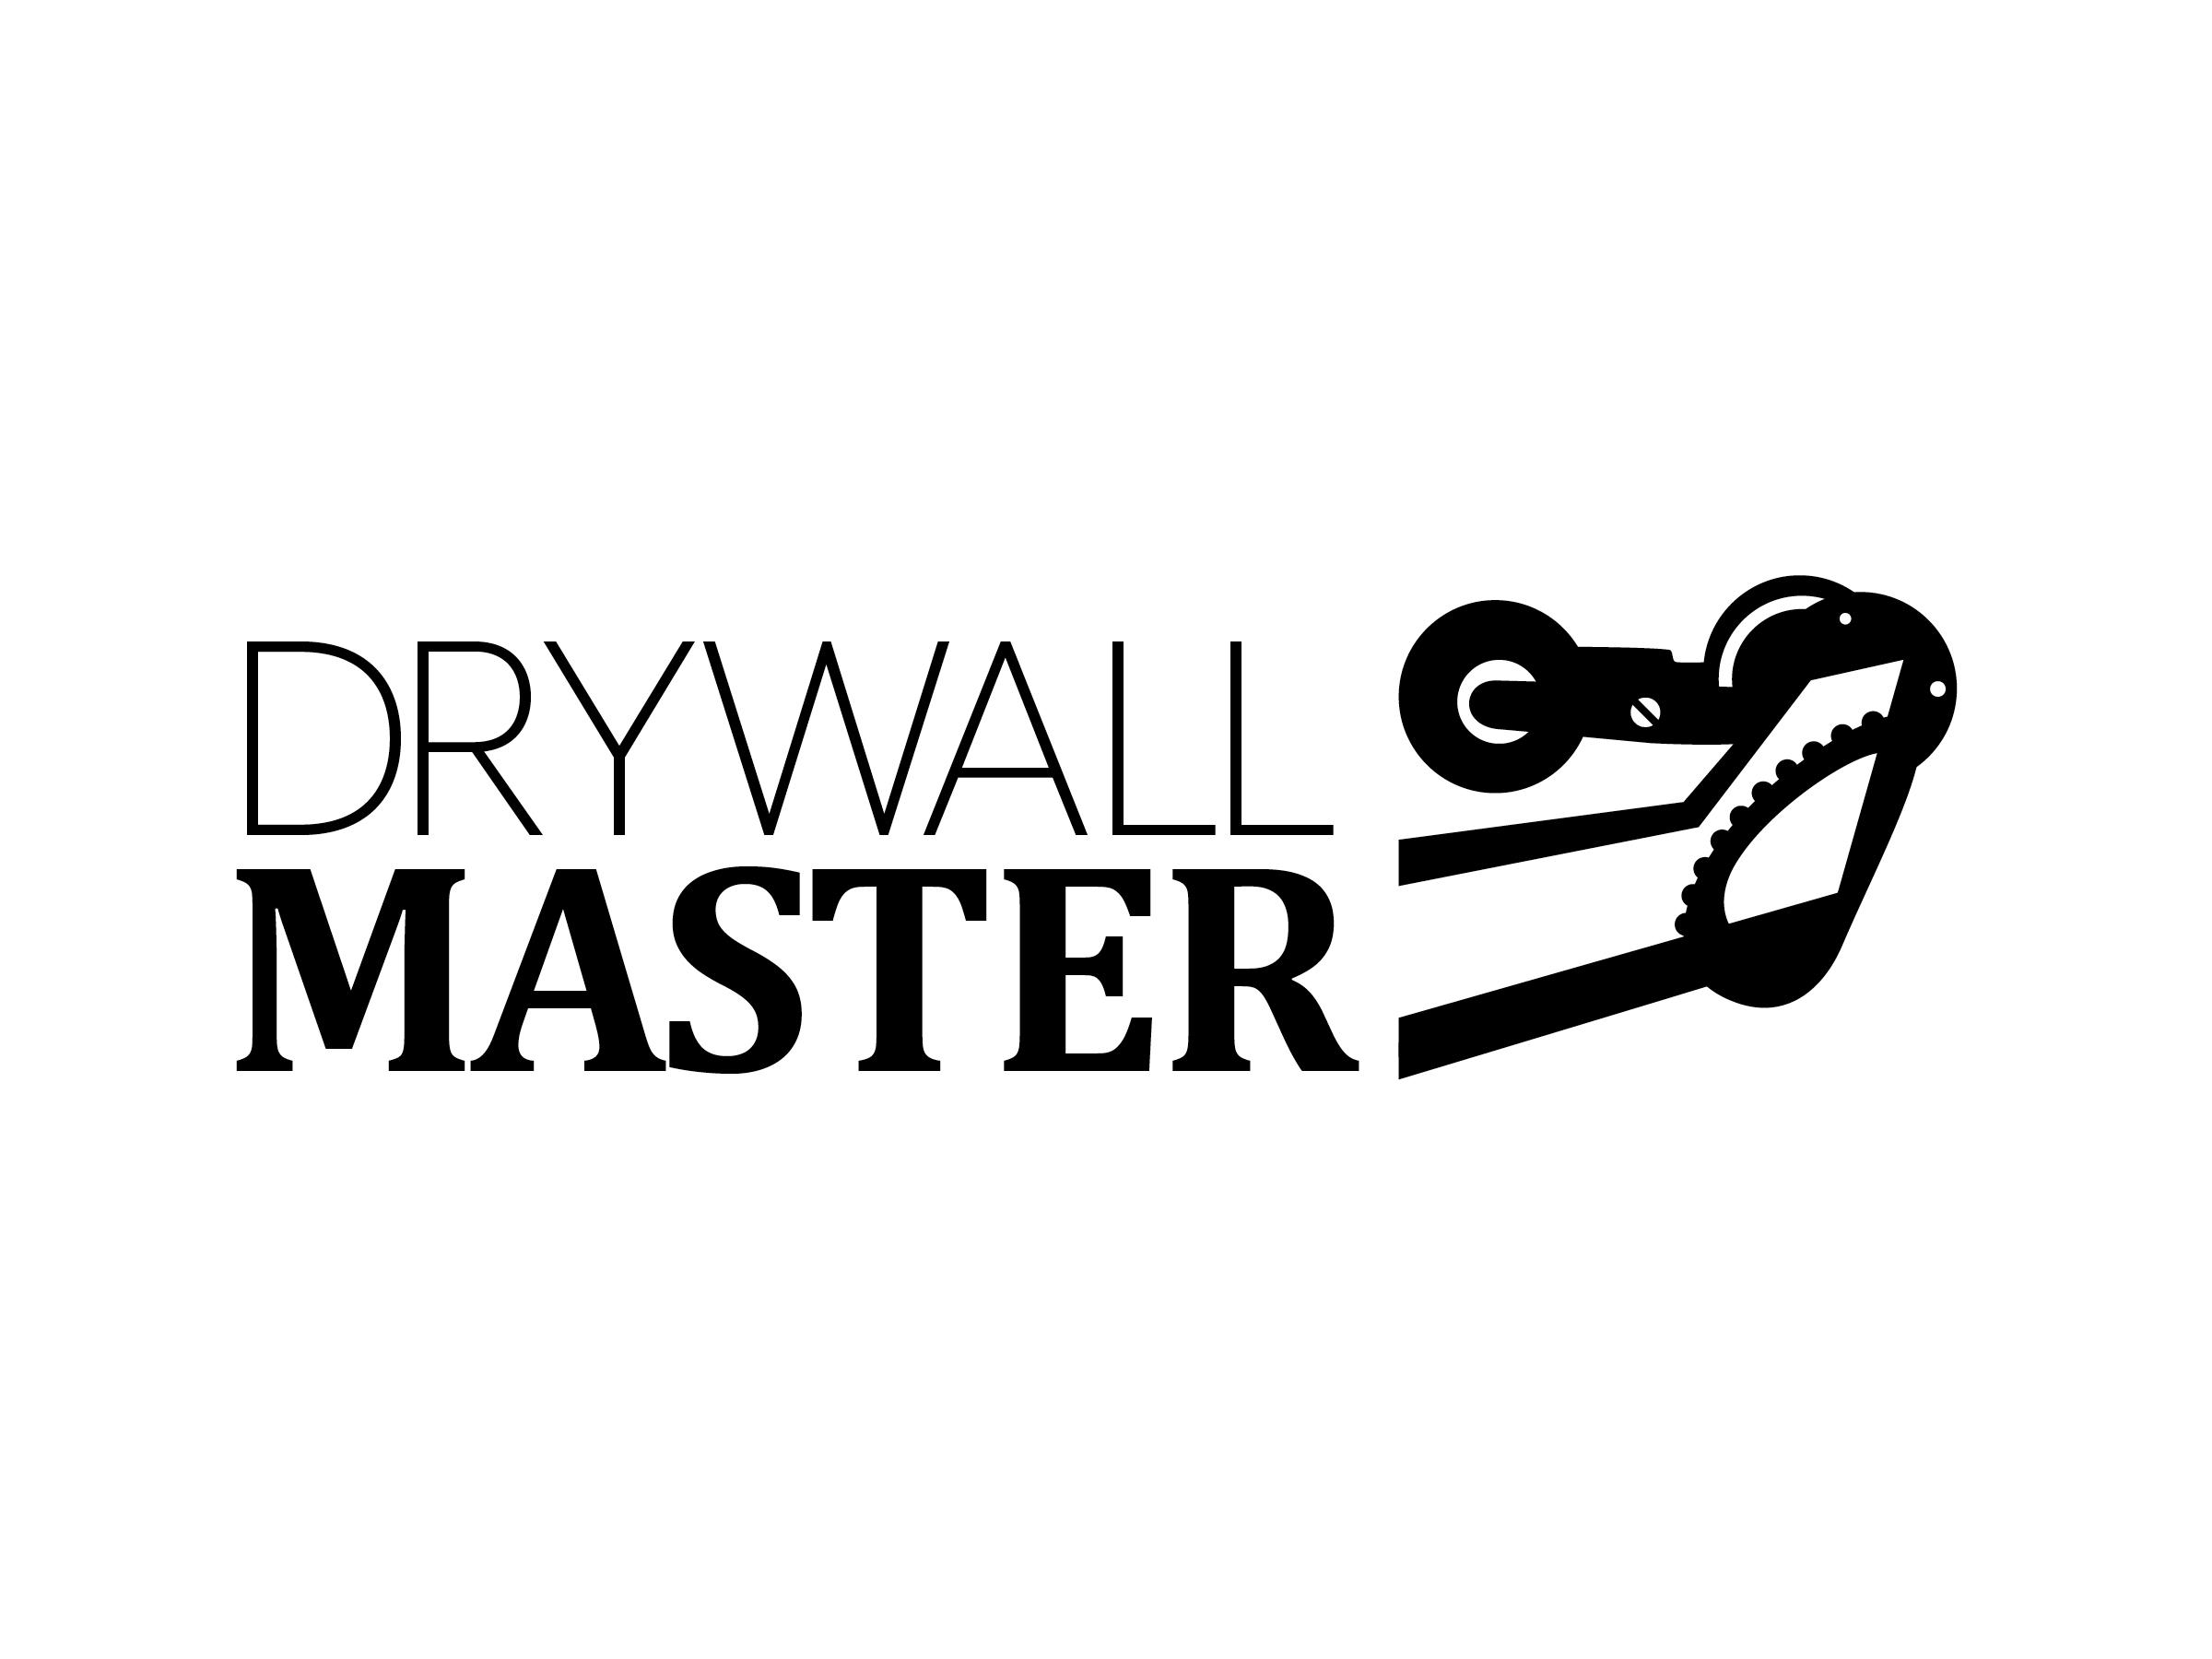 Drywall Master